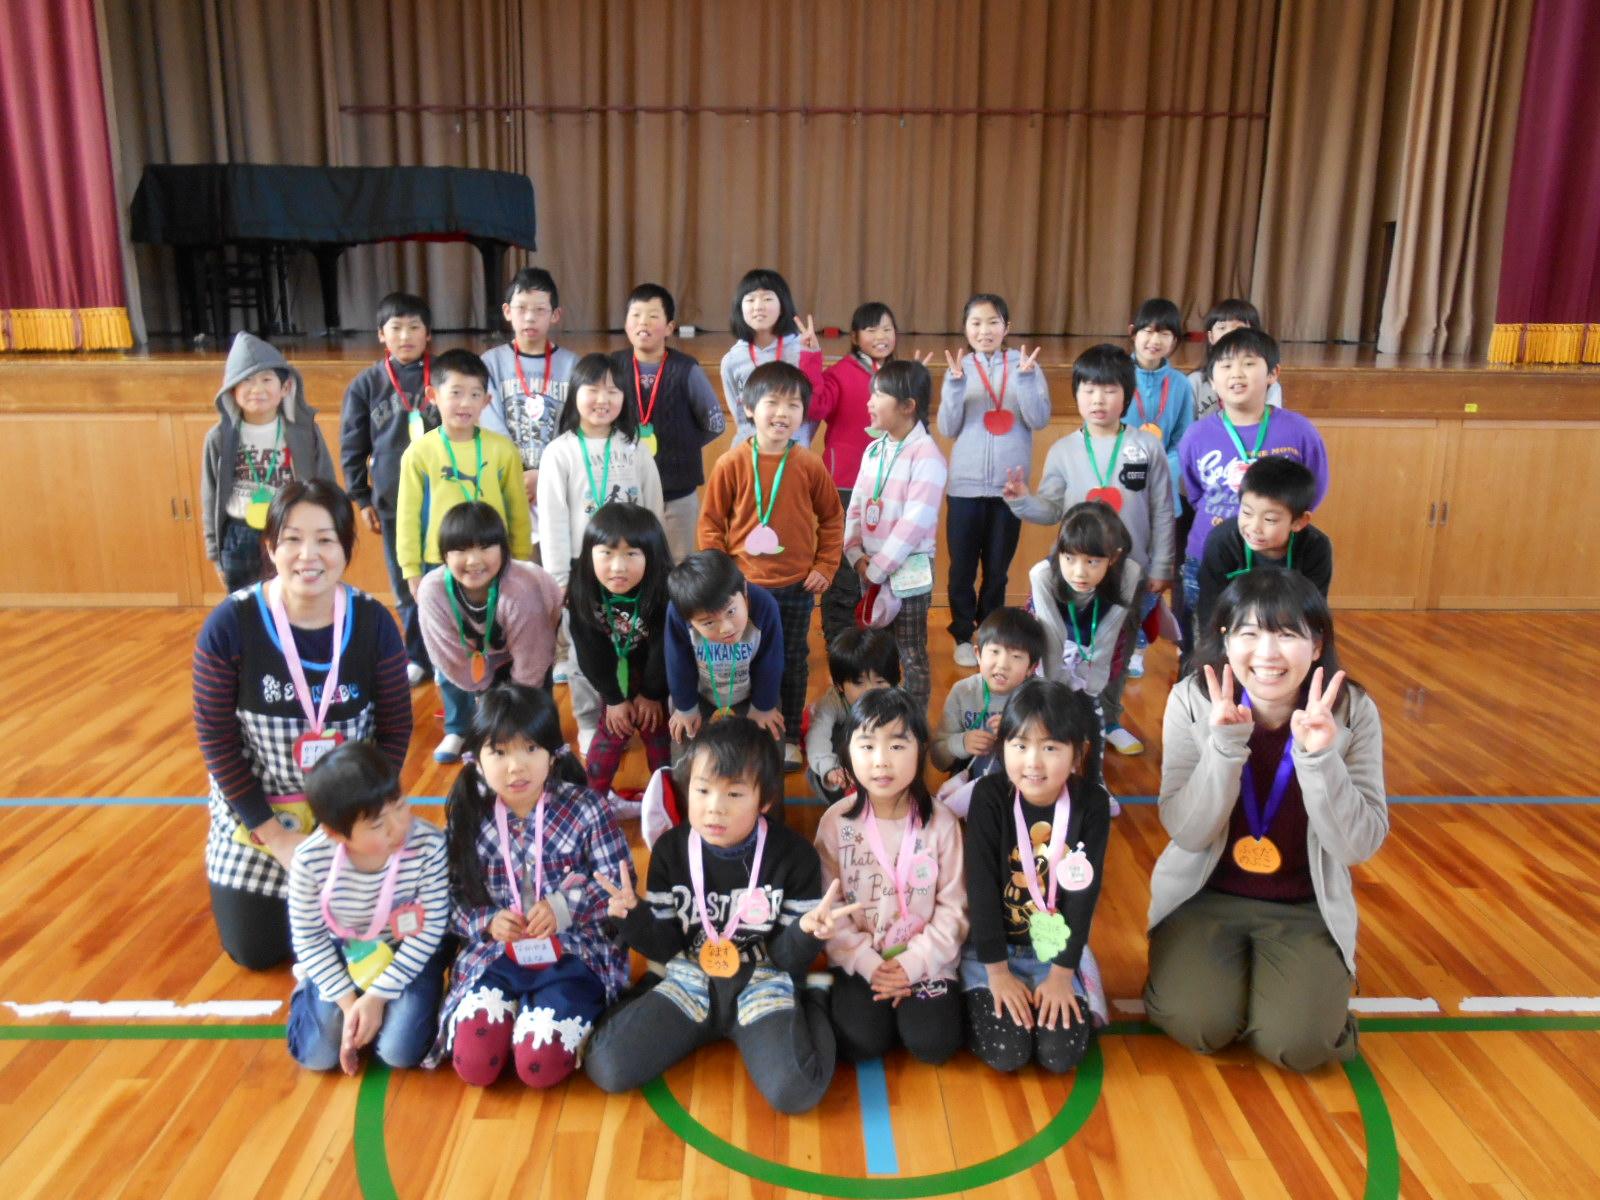 月田小)新1年生体験入学 - 真庭市公式ホームページ